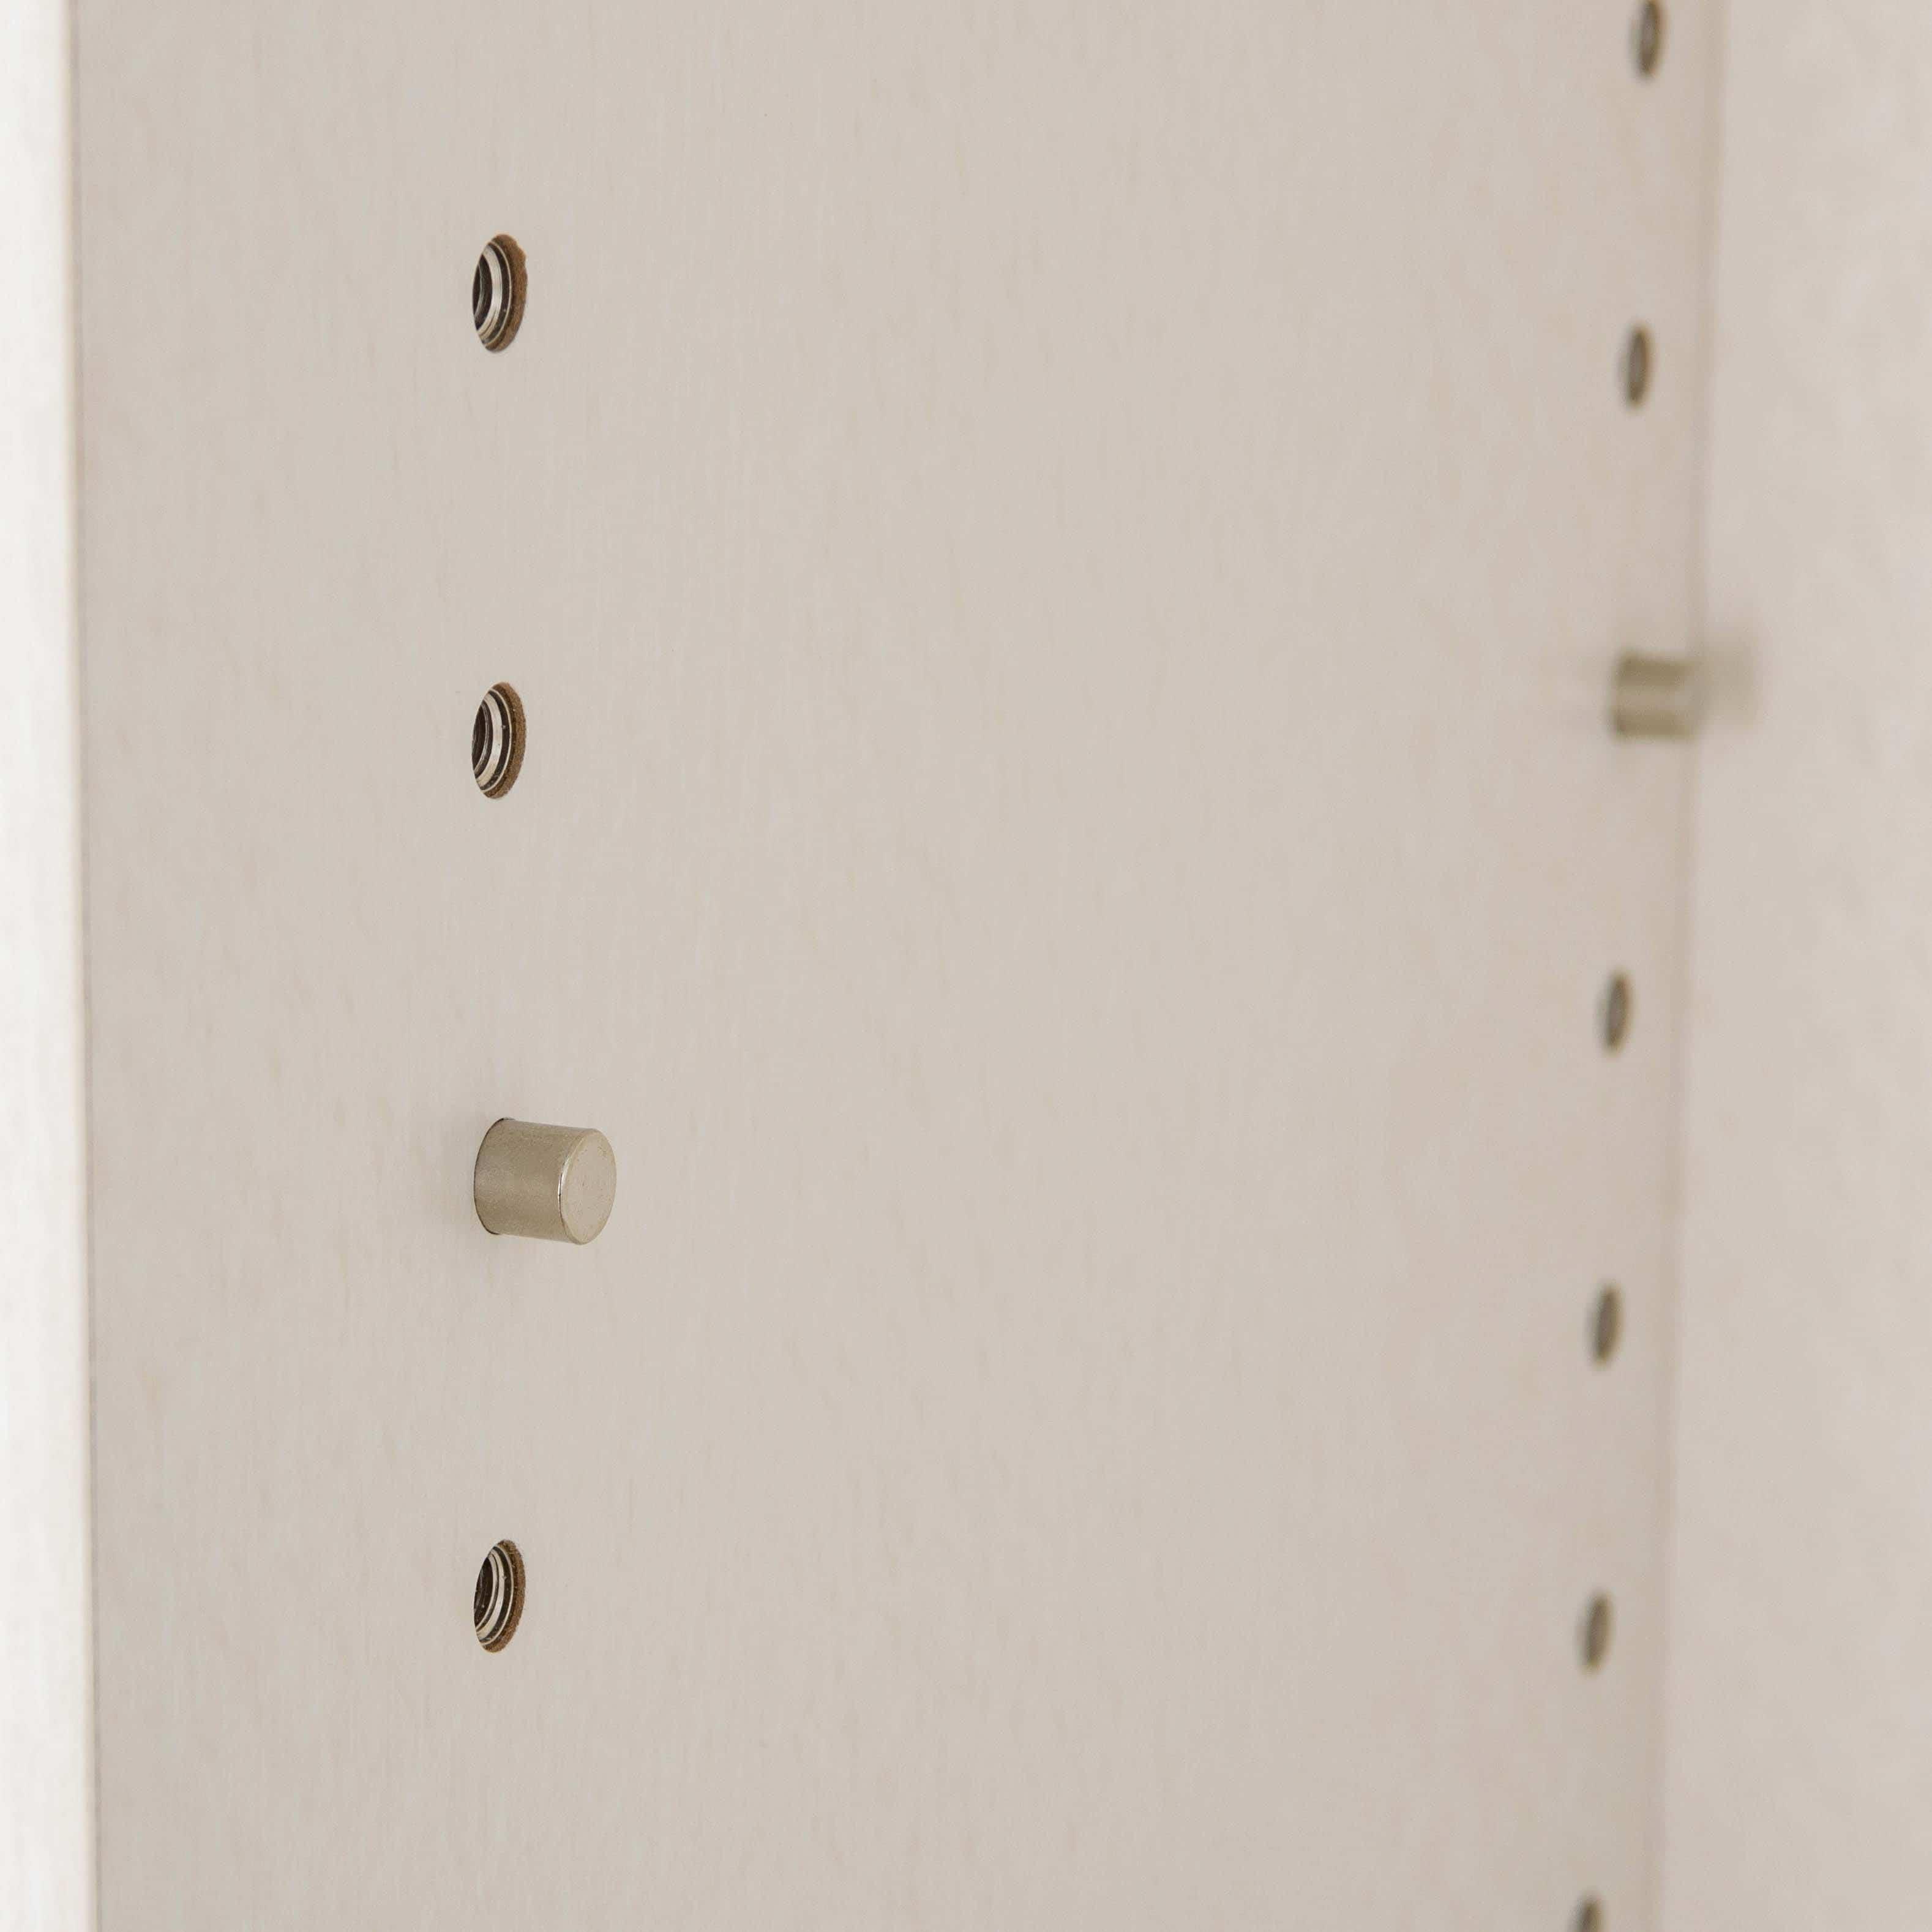 小島工芸 書棚 アコード45H(ウォールモカ):キレイに収まる魅せる収納